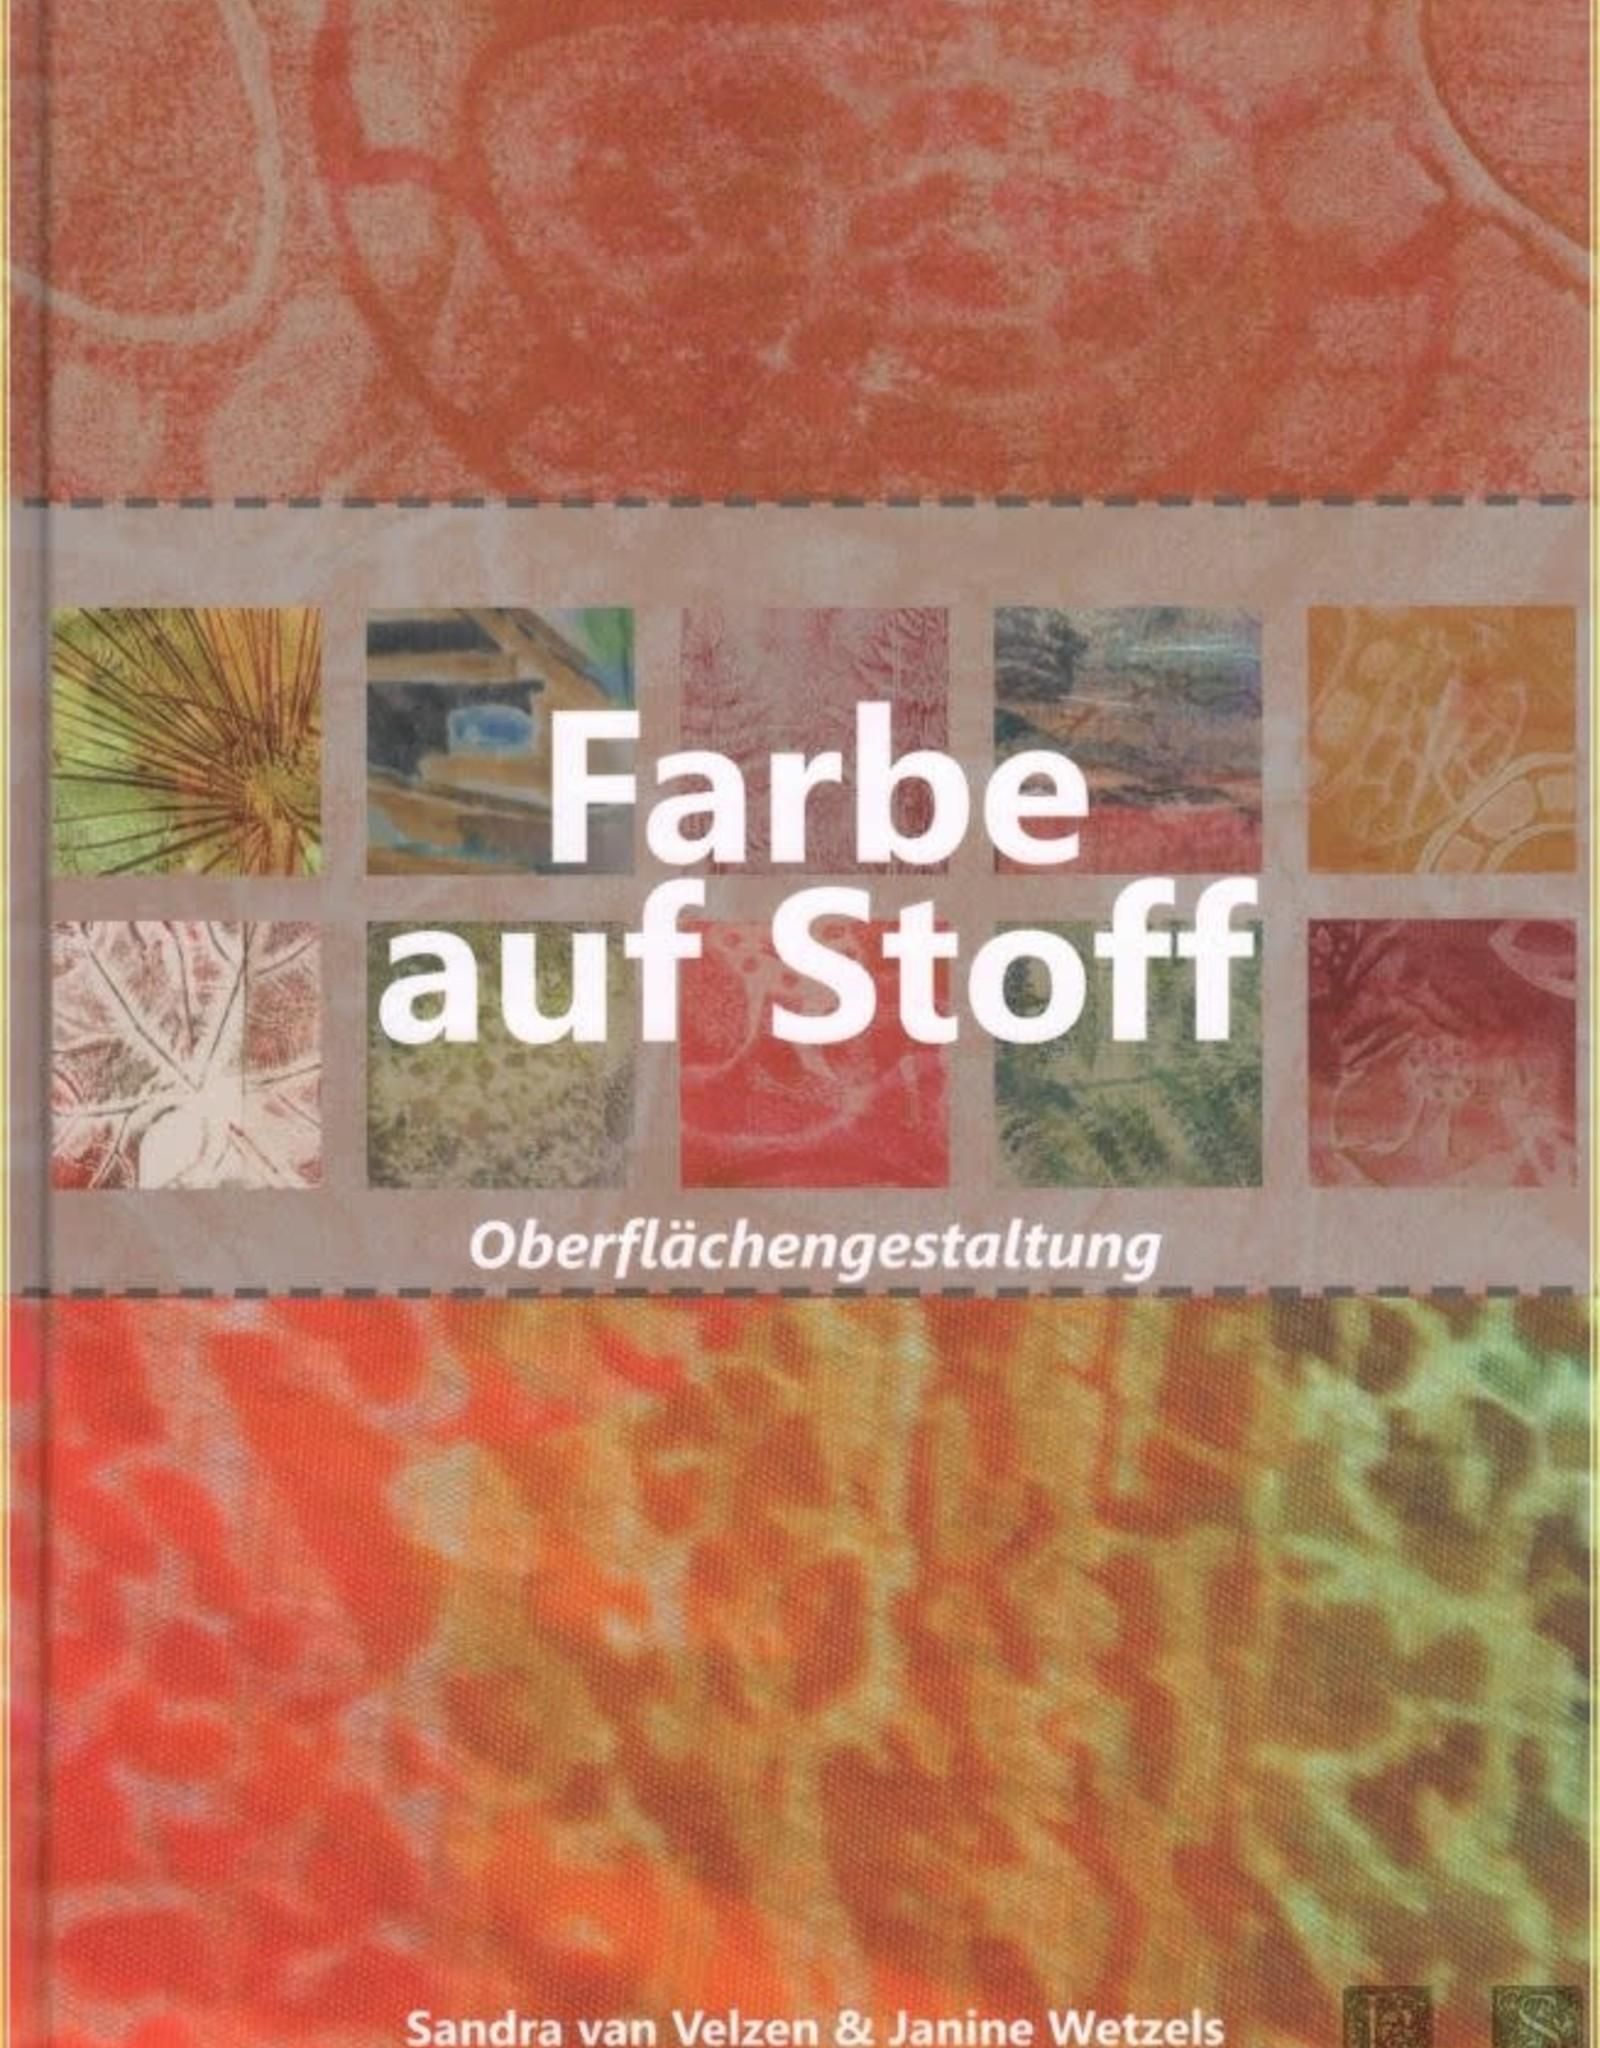 Farbe auf Stoff / Sandra van Velzen und Janine Wetzels